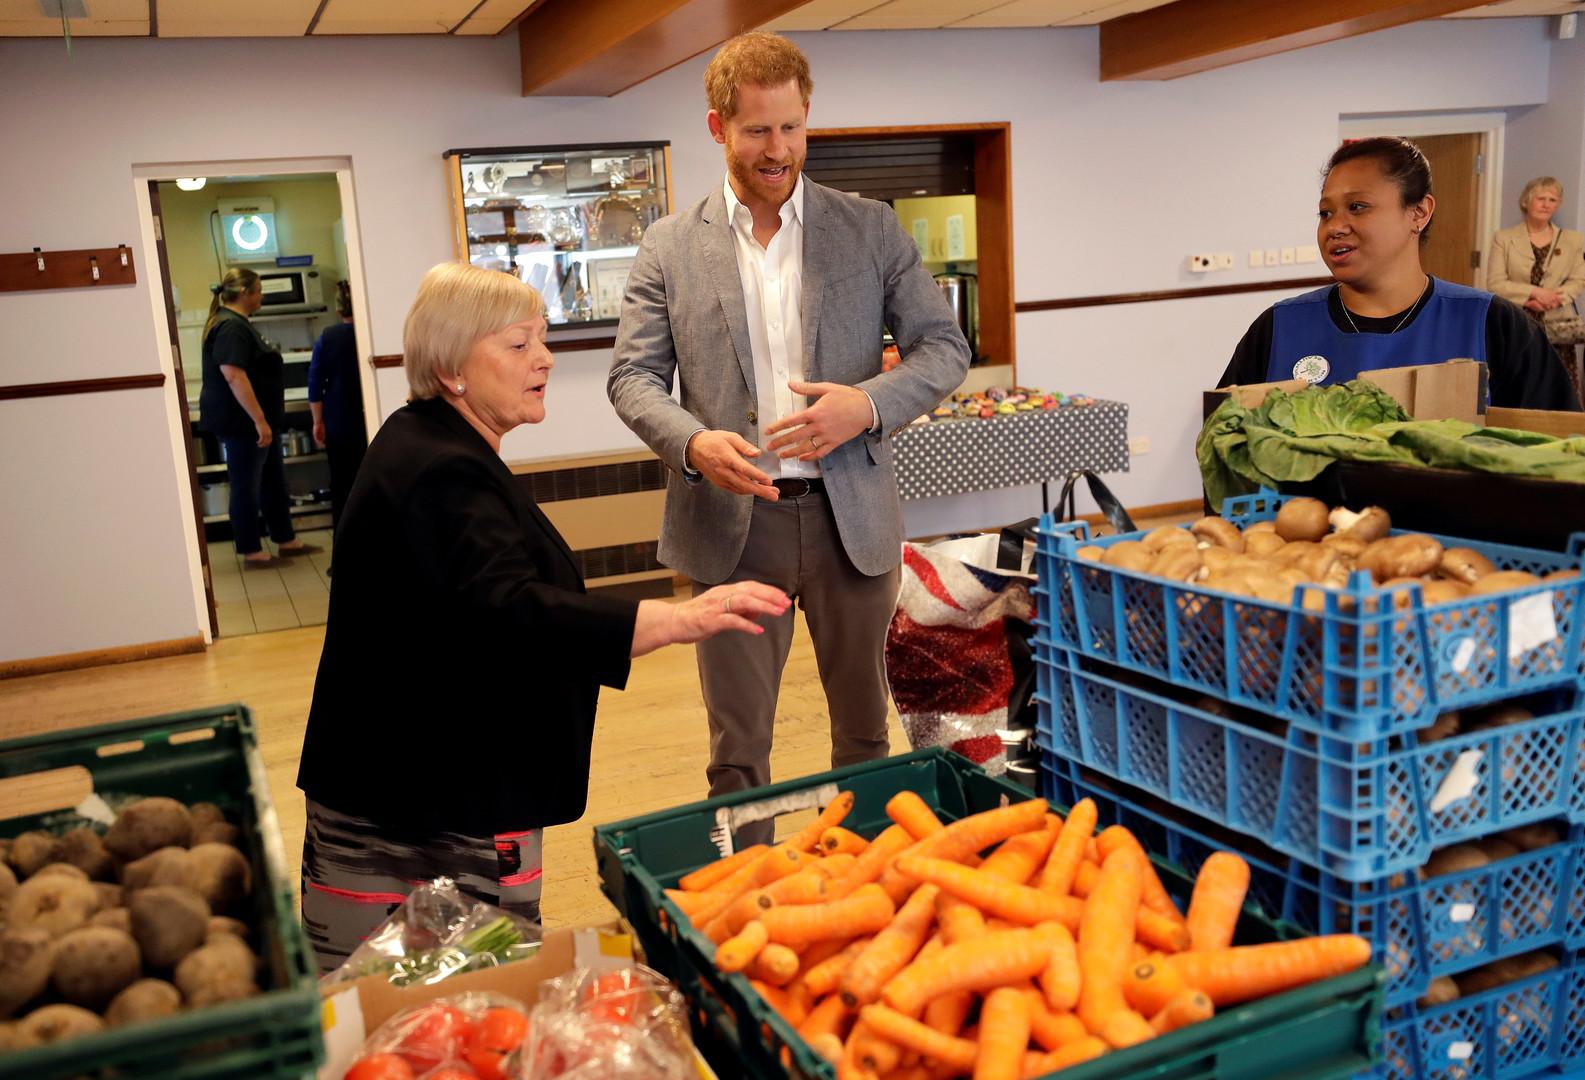 مخاوف من نقص الغذاء والدواء في بريطانيا